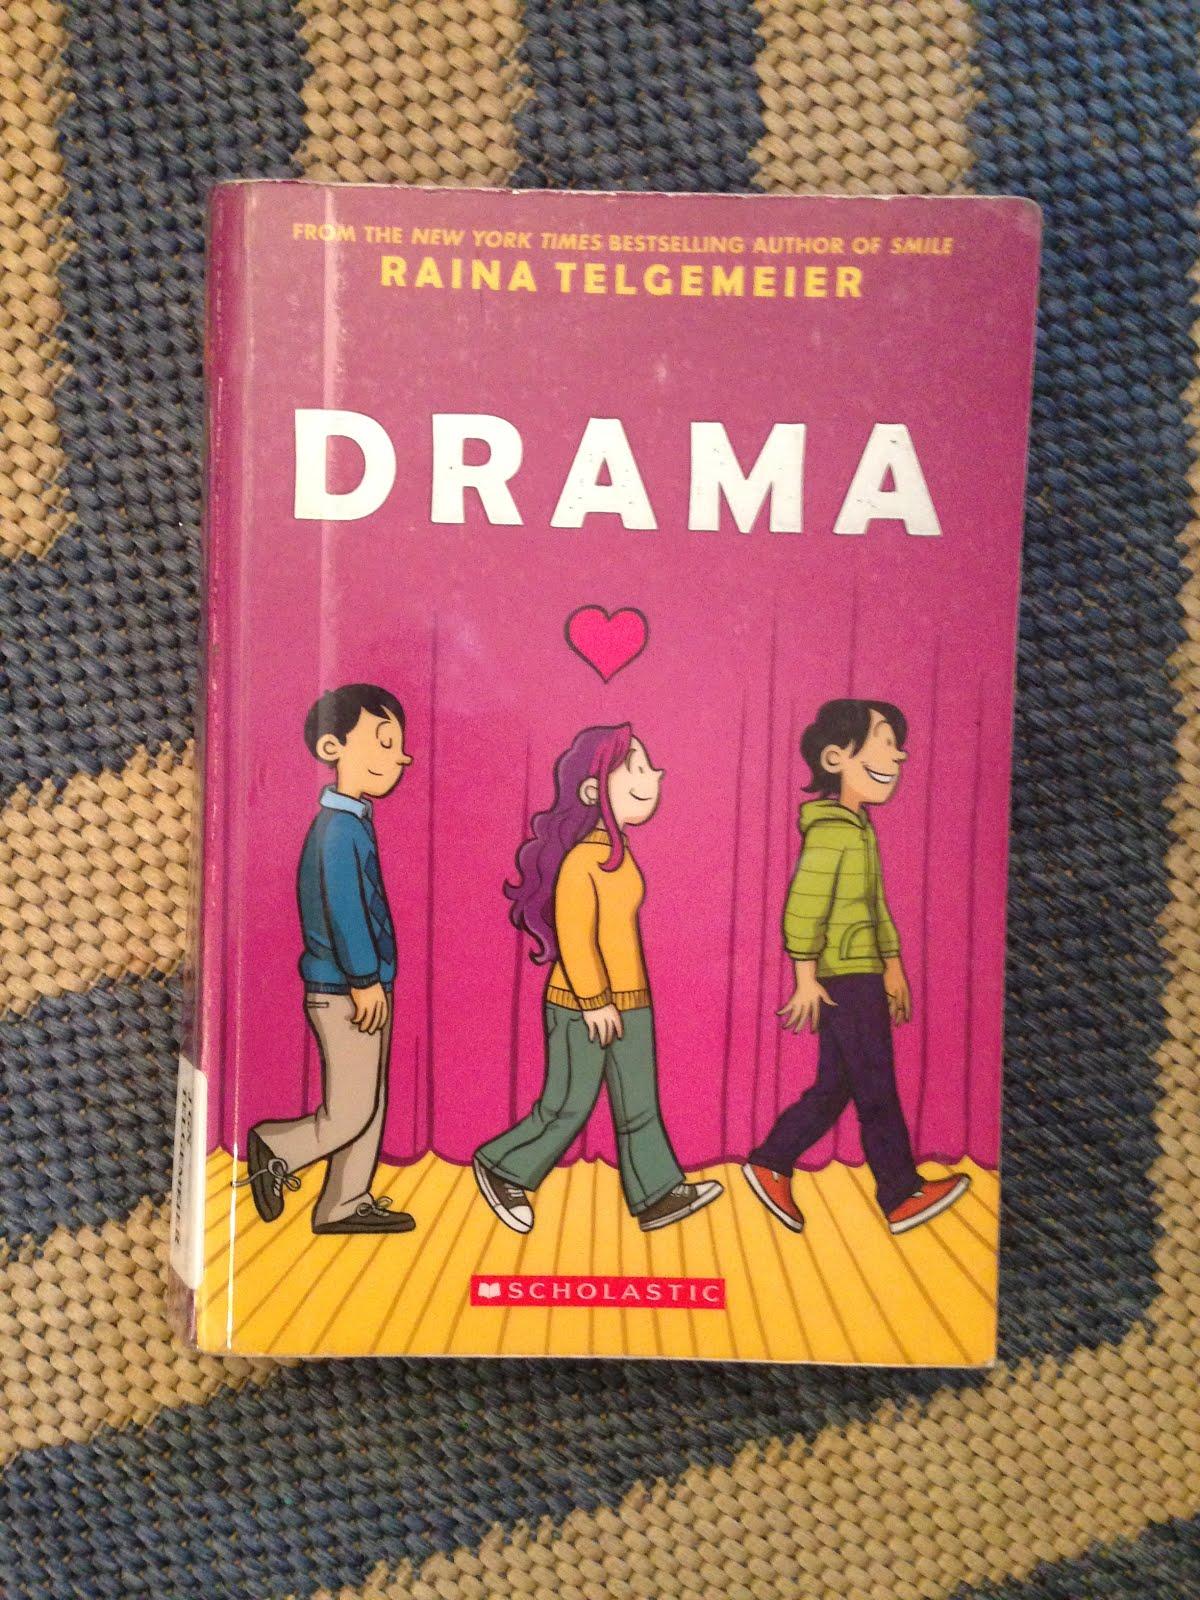 Drama -- Raina Telgemeier